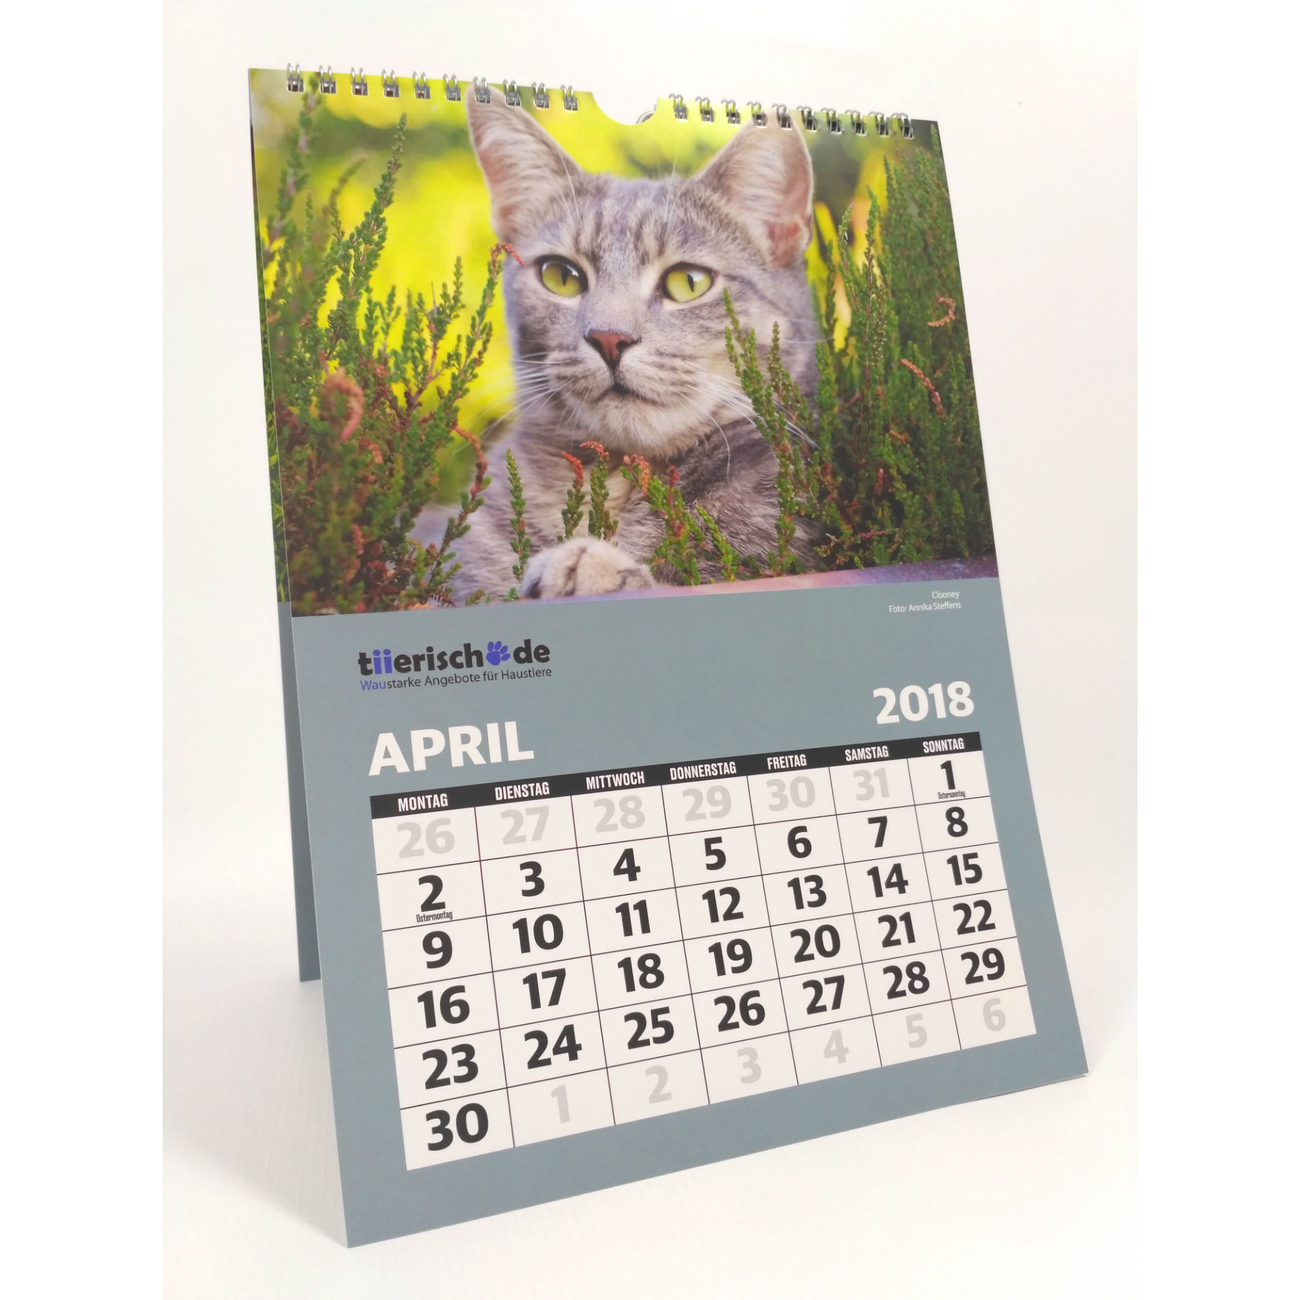 tiierisch.de Kalenderstars 2018 - der tiierische Jahreskalender, Bild 3